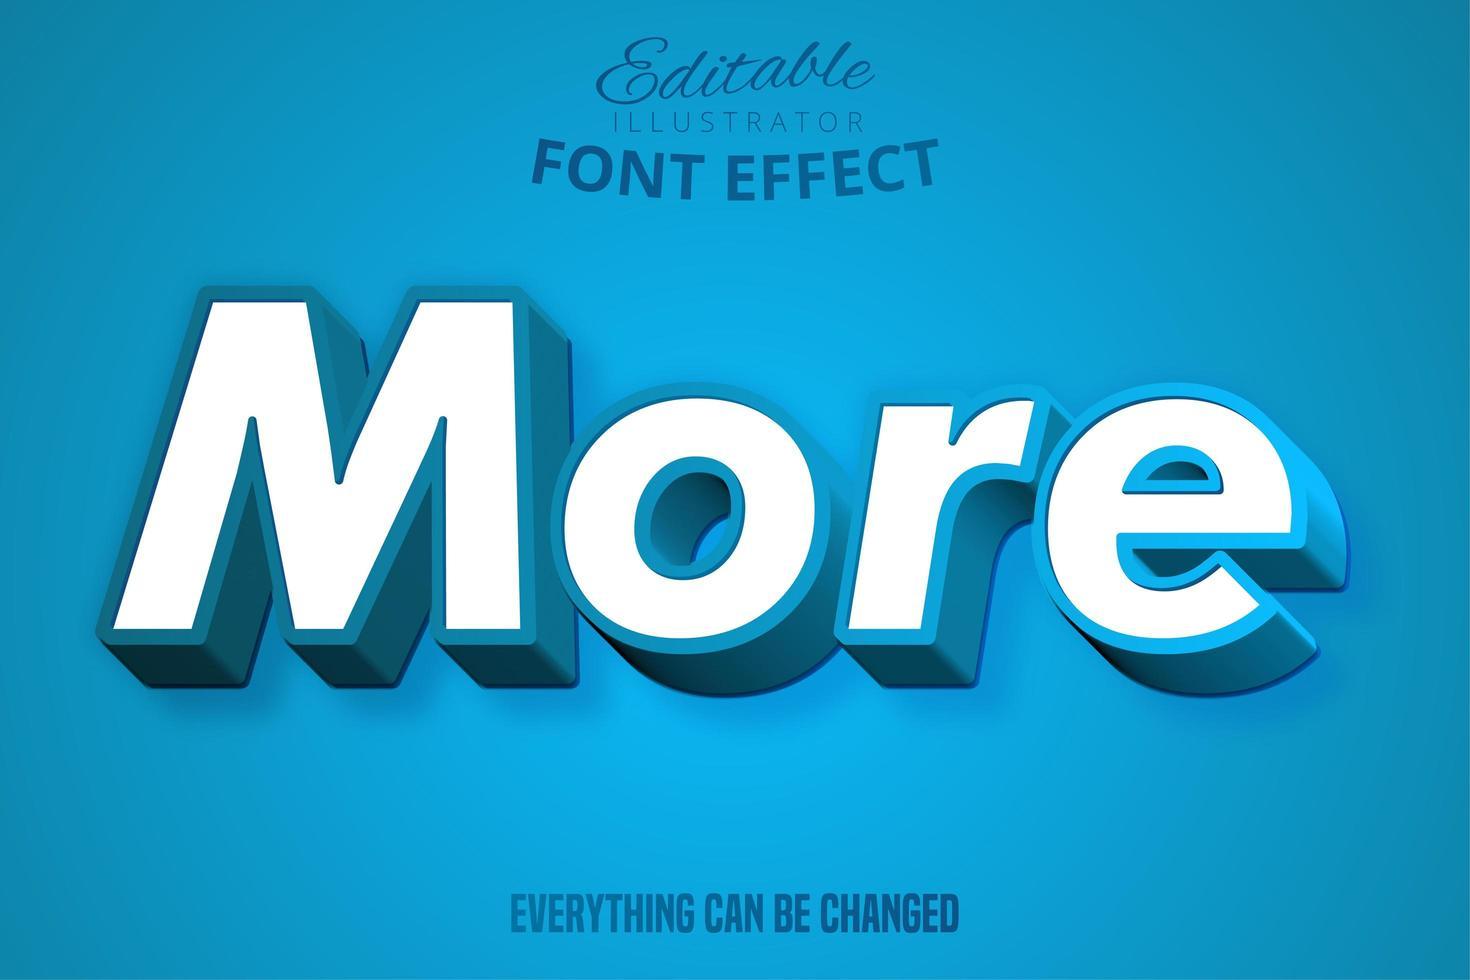 mais tipografia vintage azul vetor